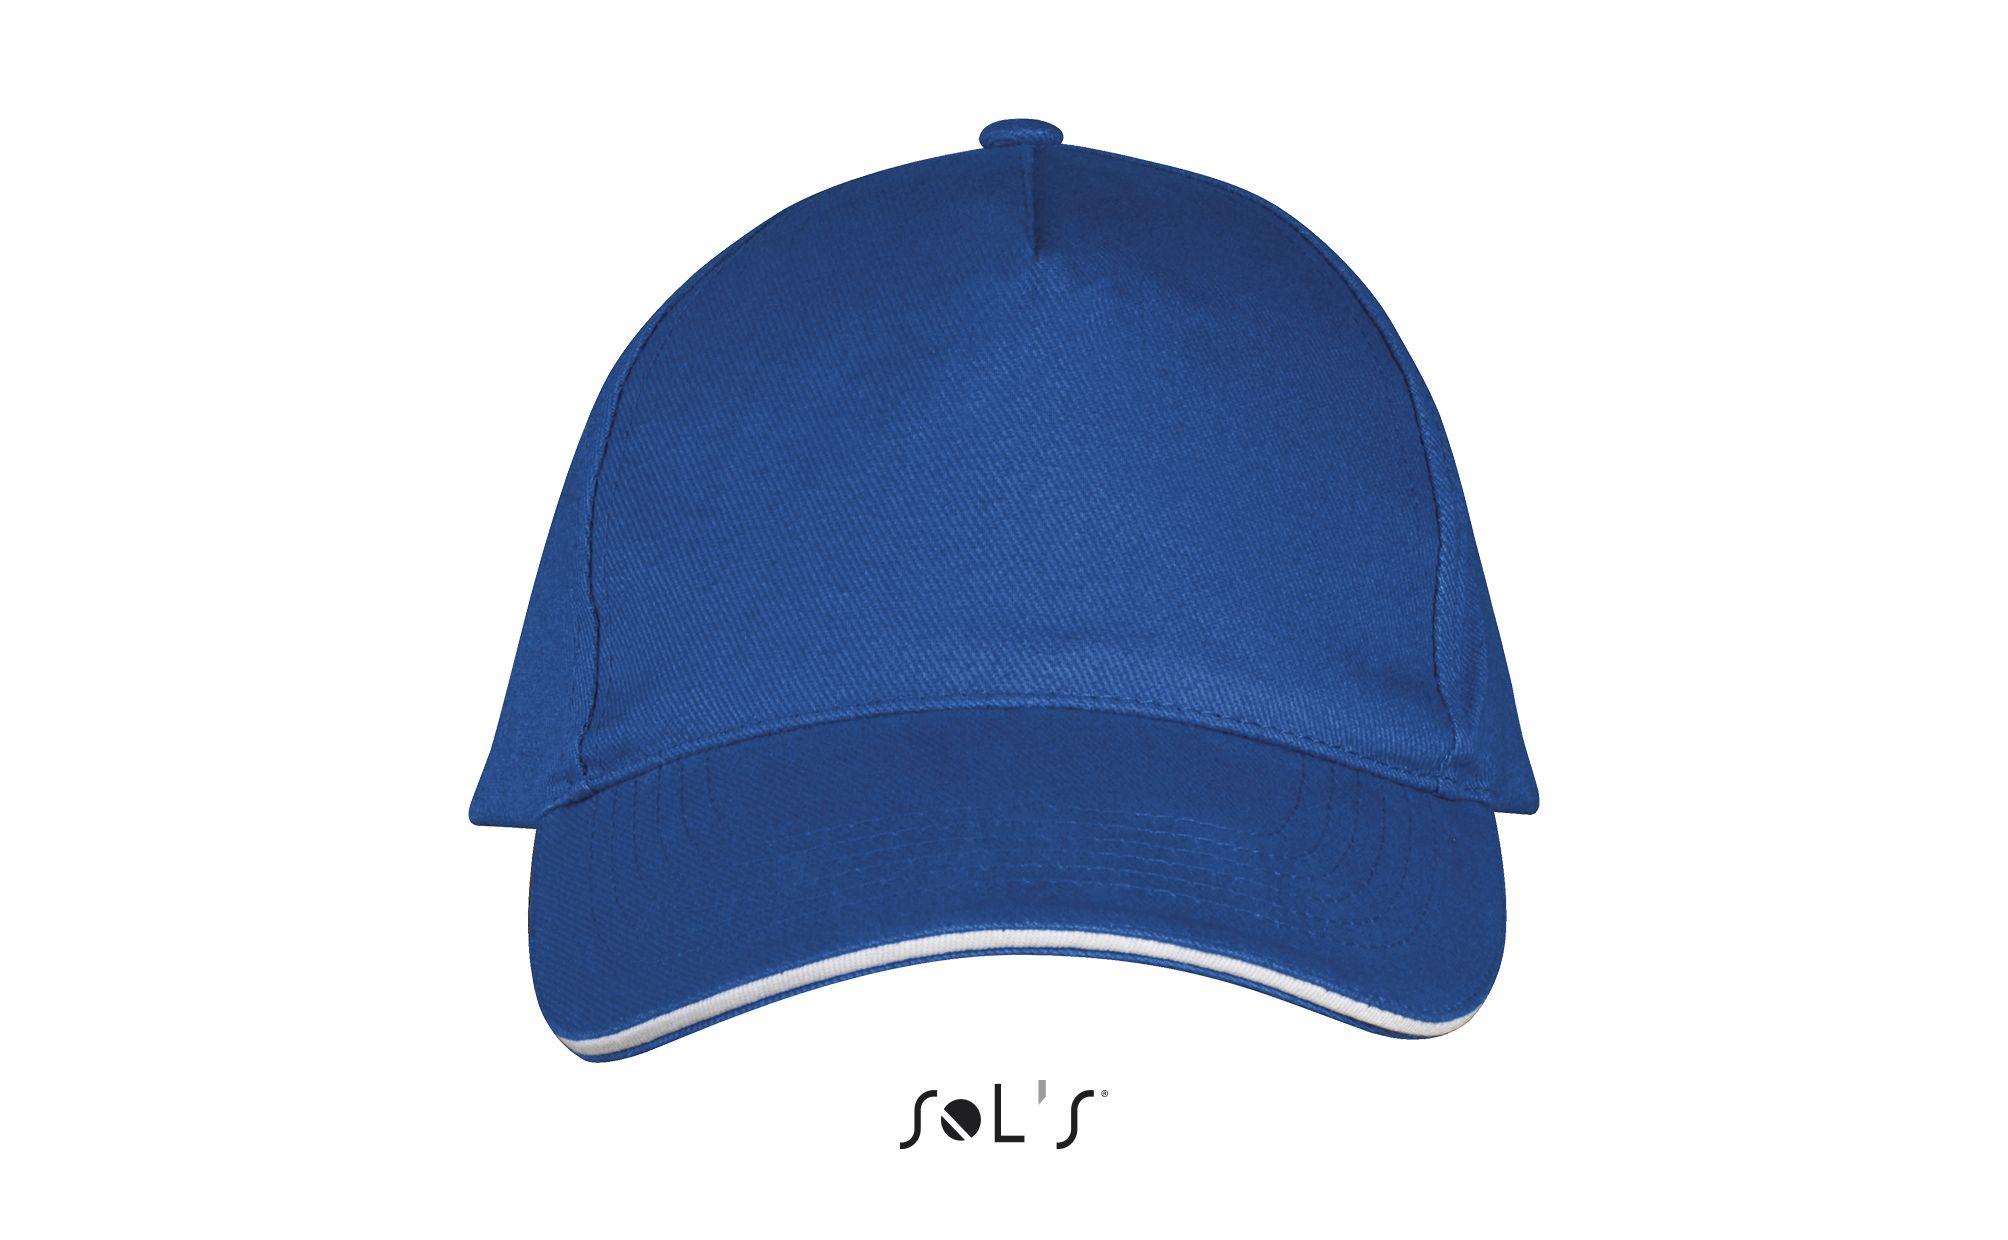 913 - Royal blue / White